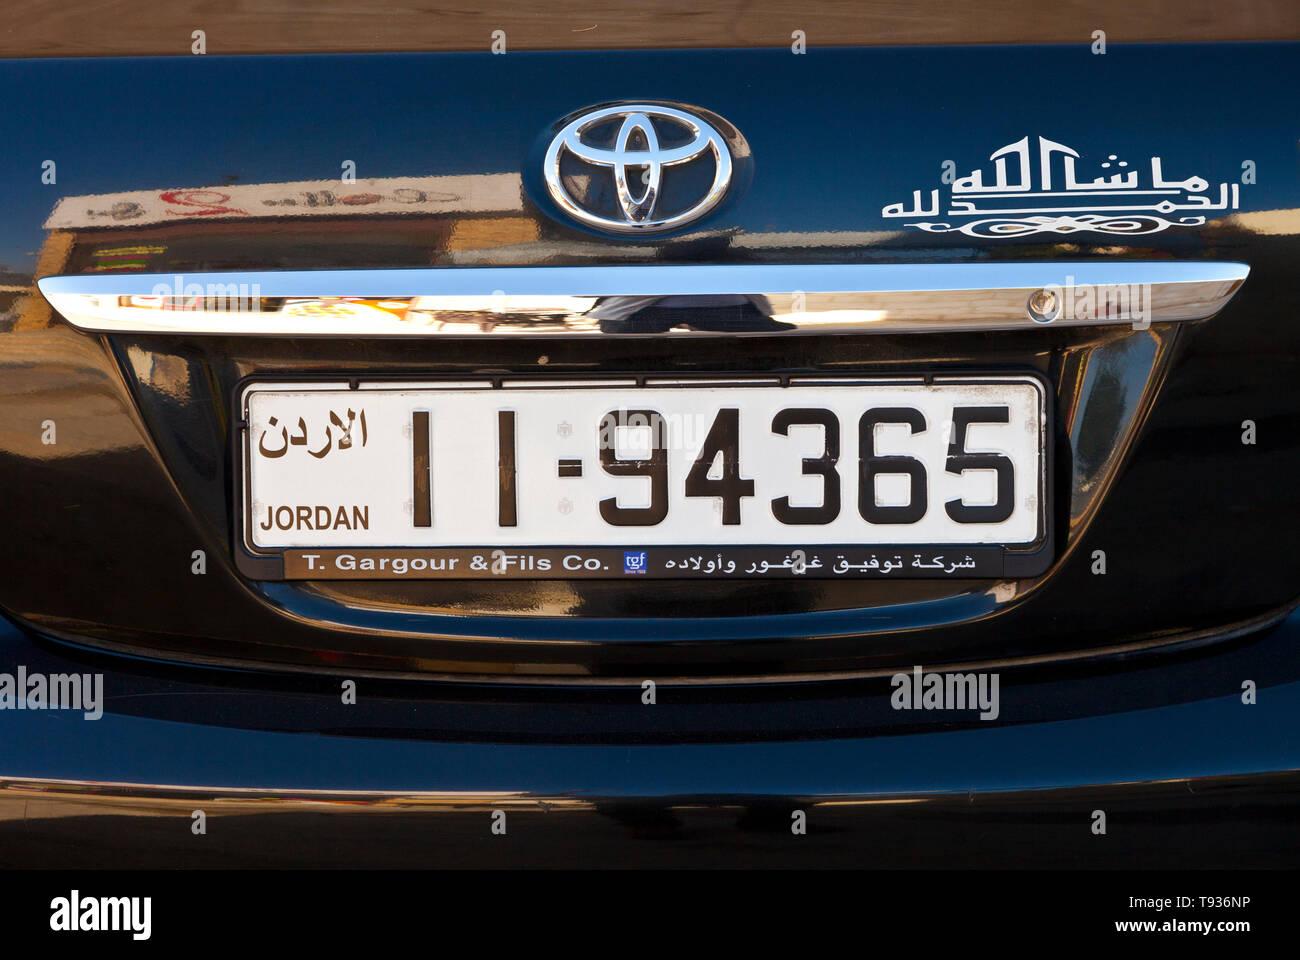 Matrícula vehículo. Jordania, Oriente Medio Foto de stock